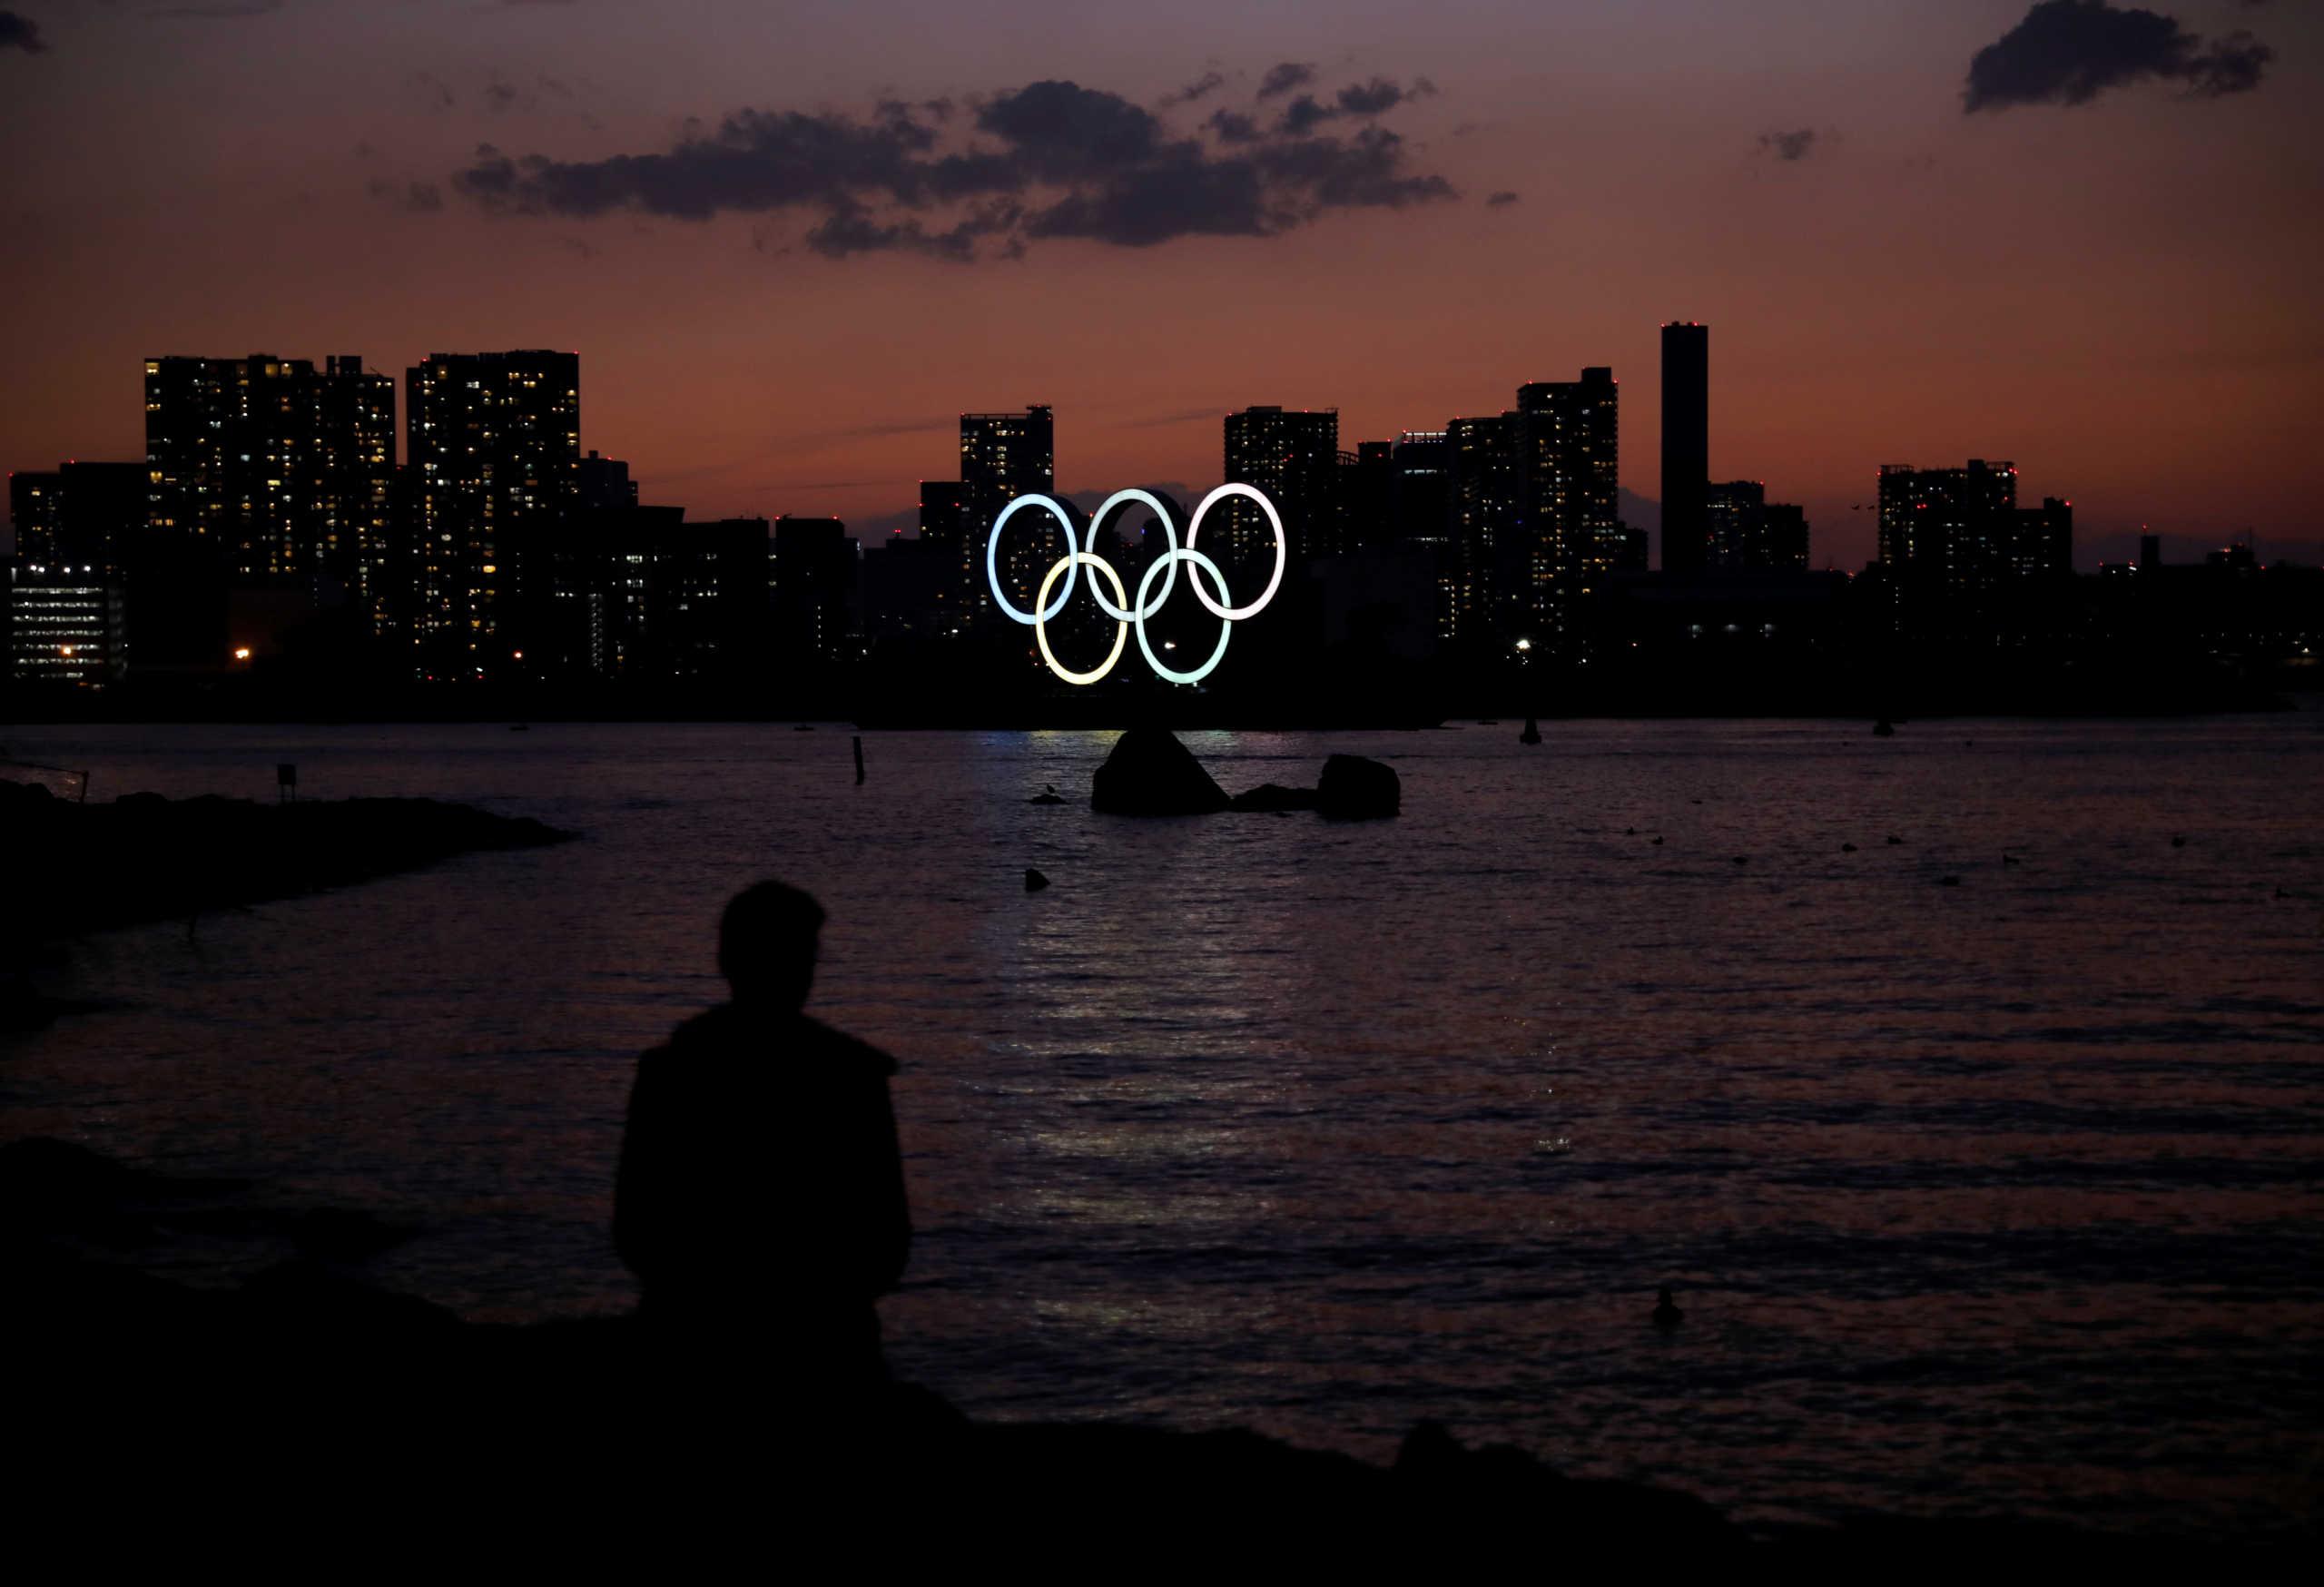 Ολυμπιακοί Αγώνες: Οικονομική καταστροφή για την Ιαπωνία σε τυχόν αναβολή